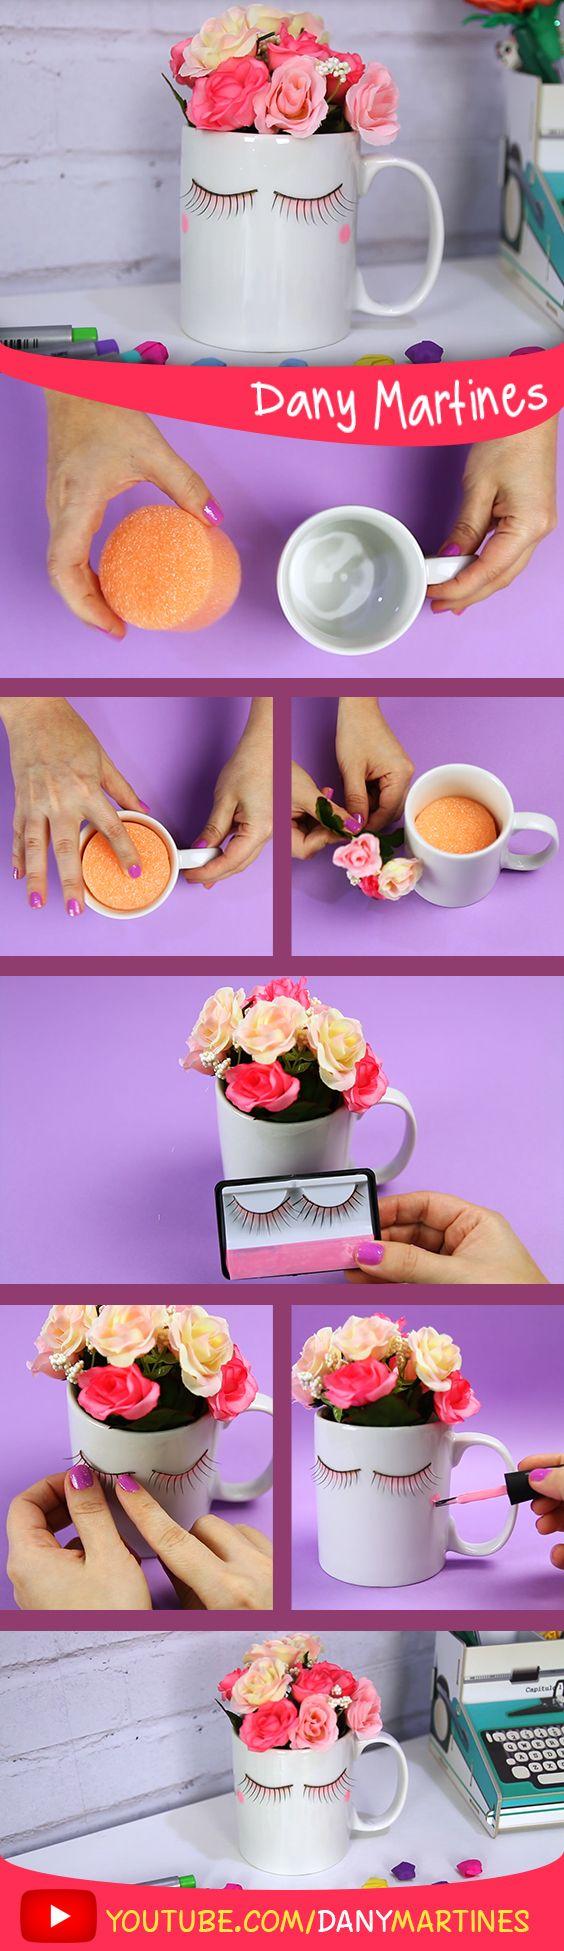 Faça você mesmo uma linda caneca decorada com flores, DIY, DO it yoursefl, Dany Martines